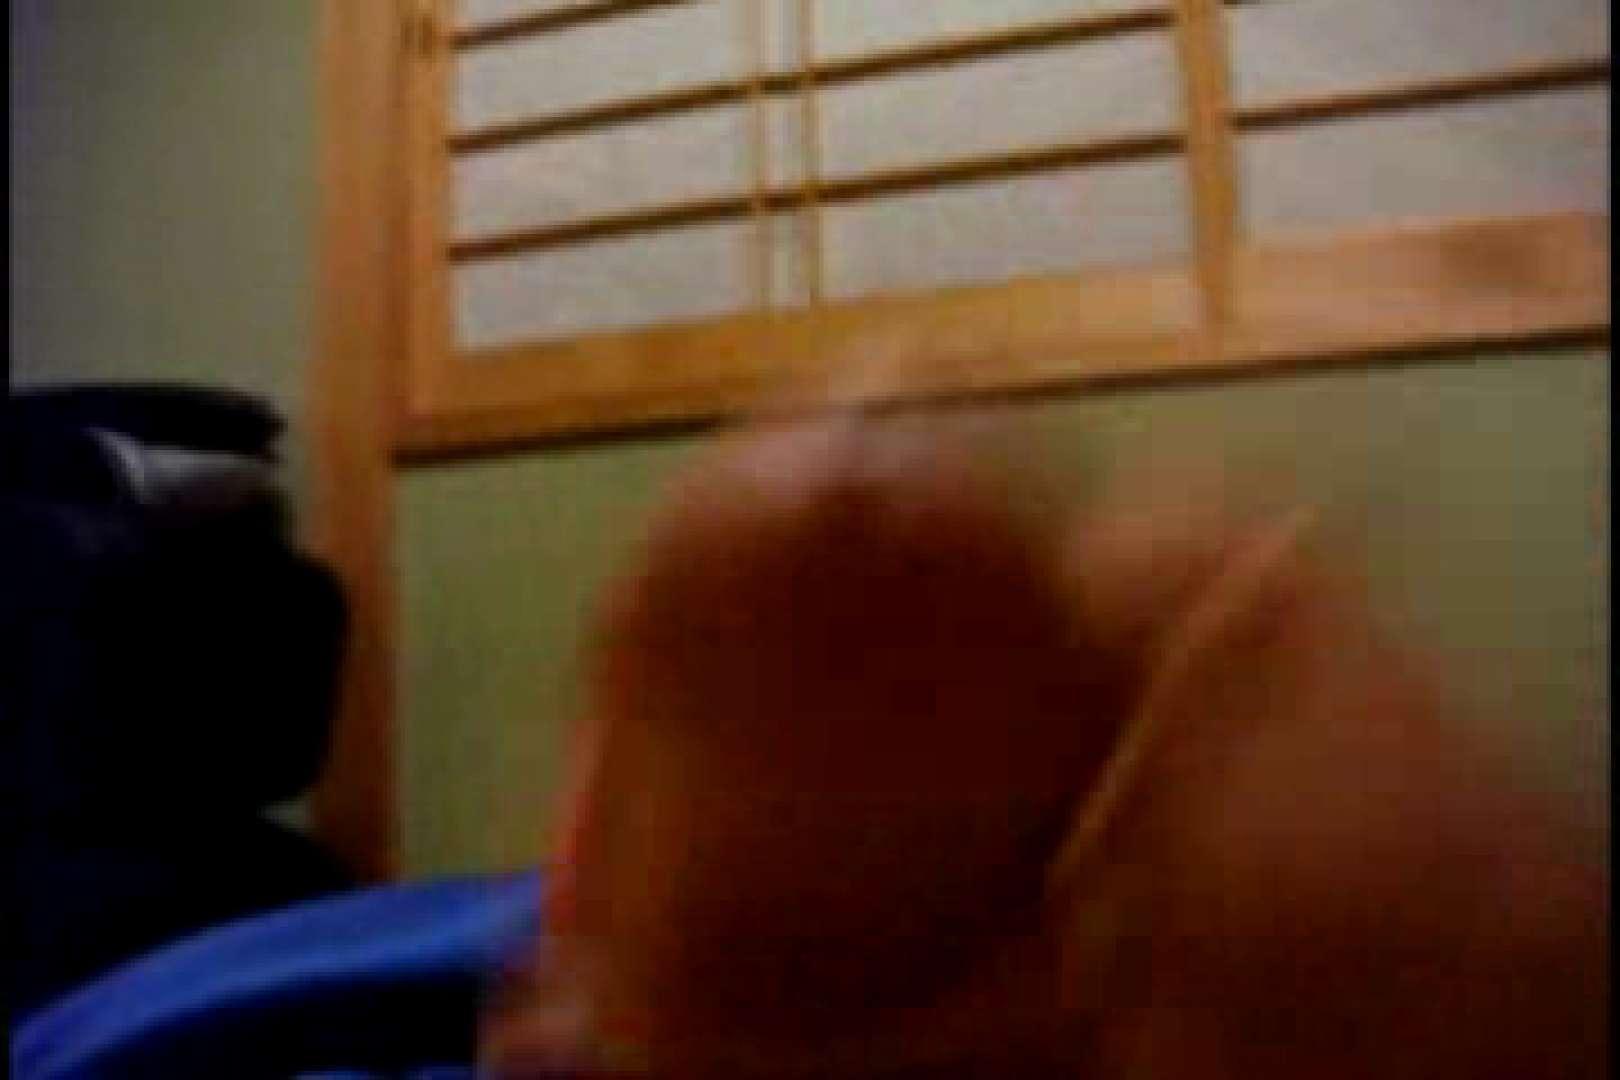 オナ好きノンケテニス部員の自画撮り投稿vol.02 射精特集 ゲイフリーエロ画像 77枚 55